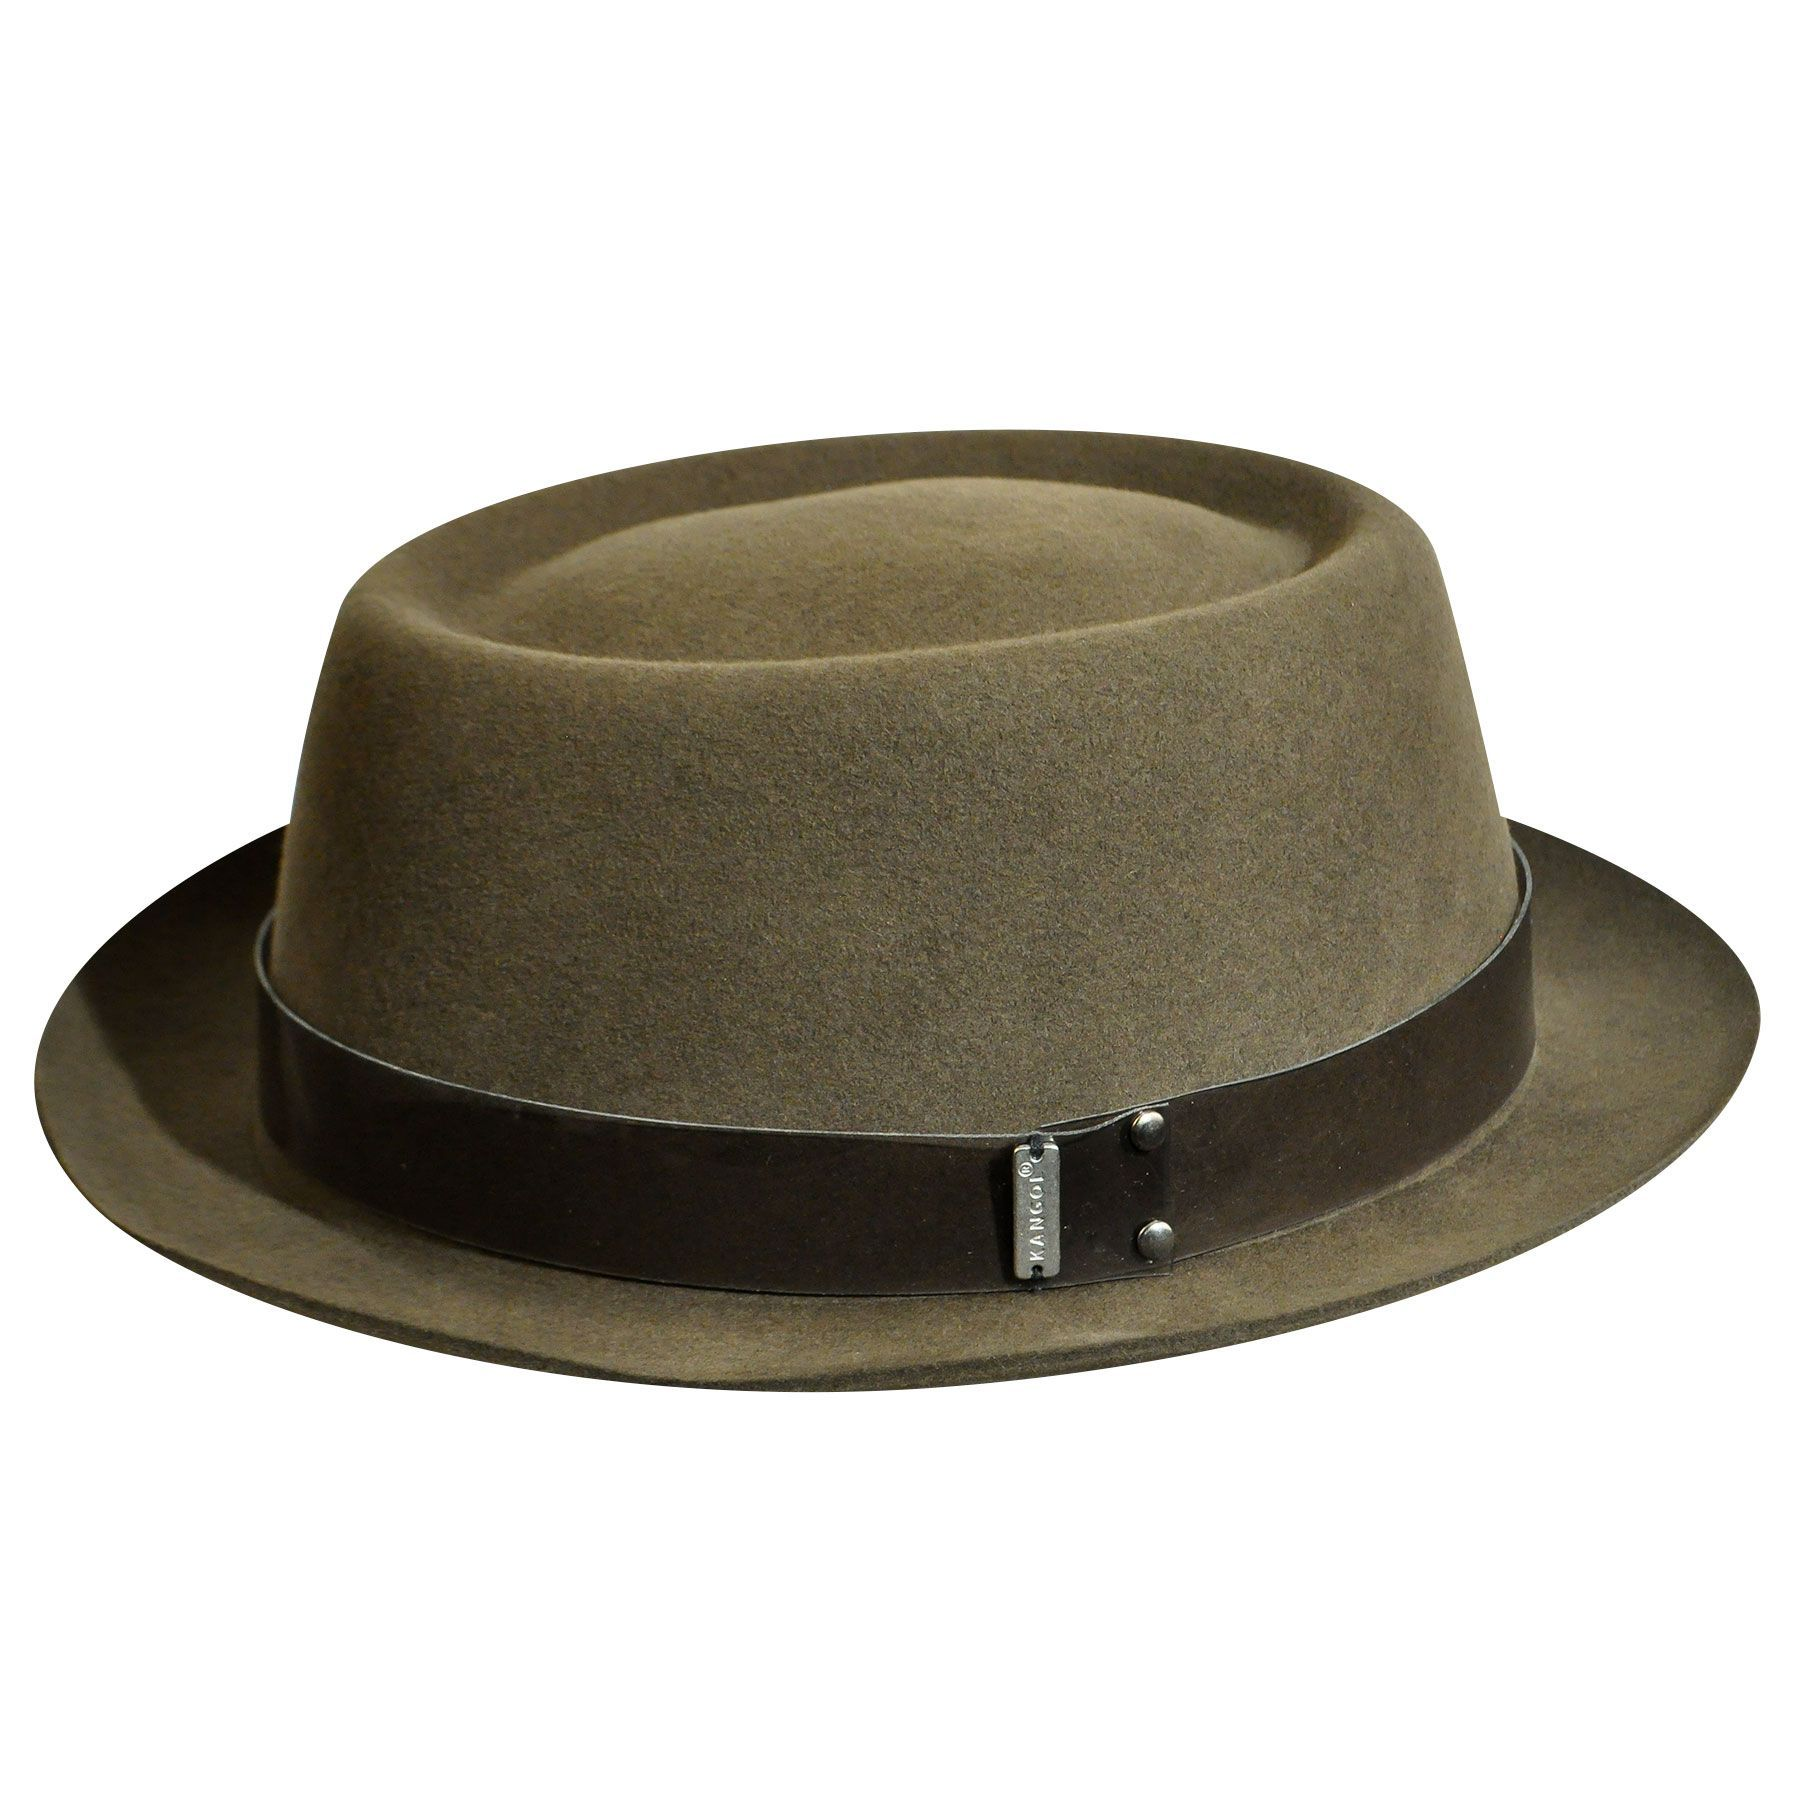 BILTMORE GENUINE MILAN NATURAL COLOR STINGY BRIM DRESS HAT